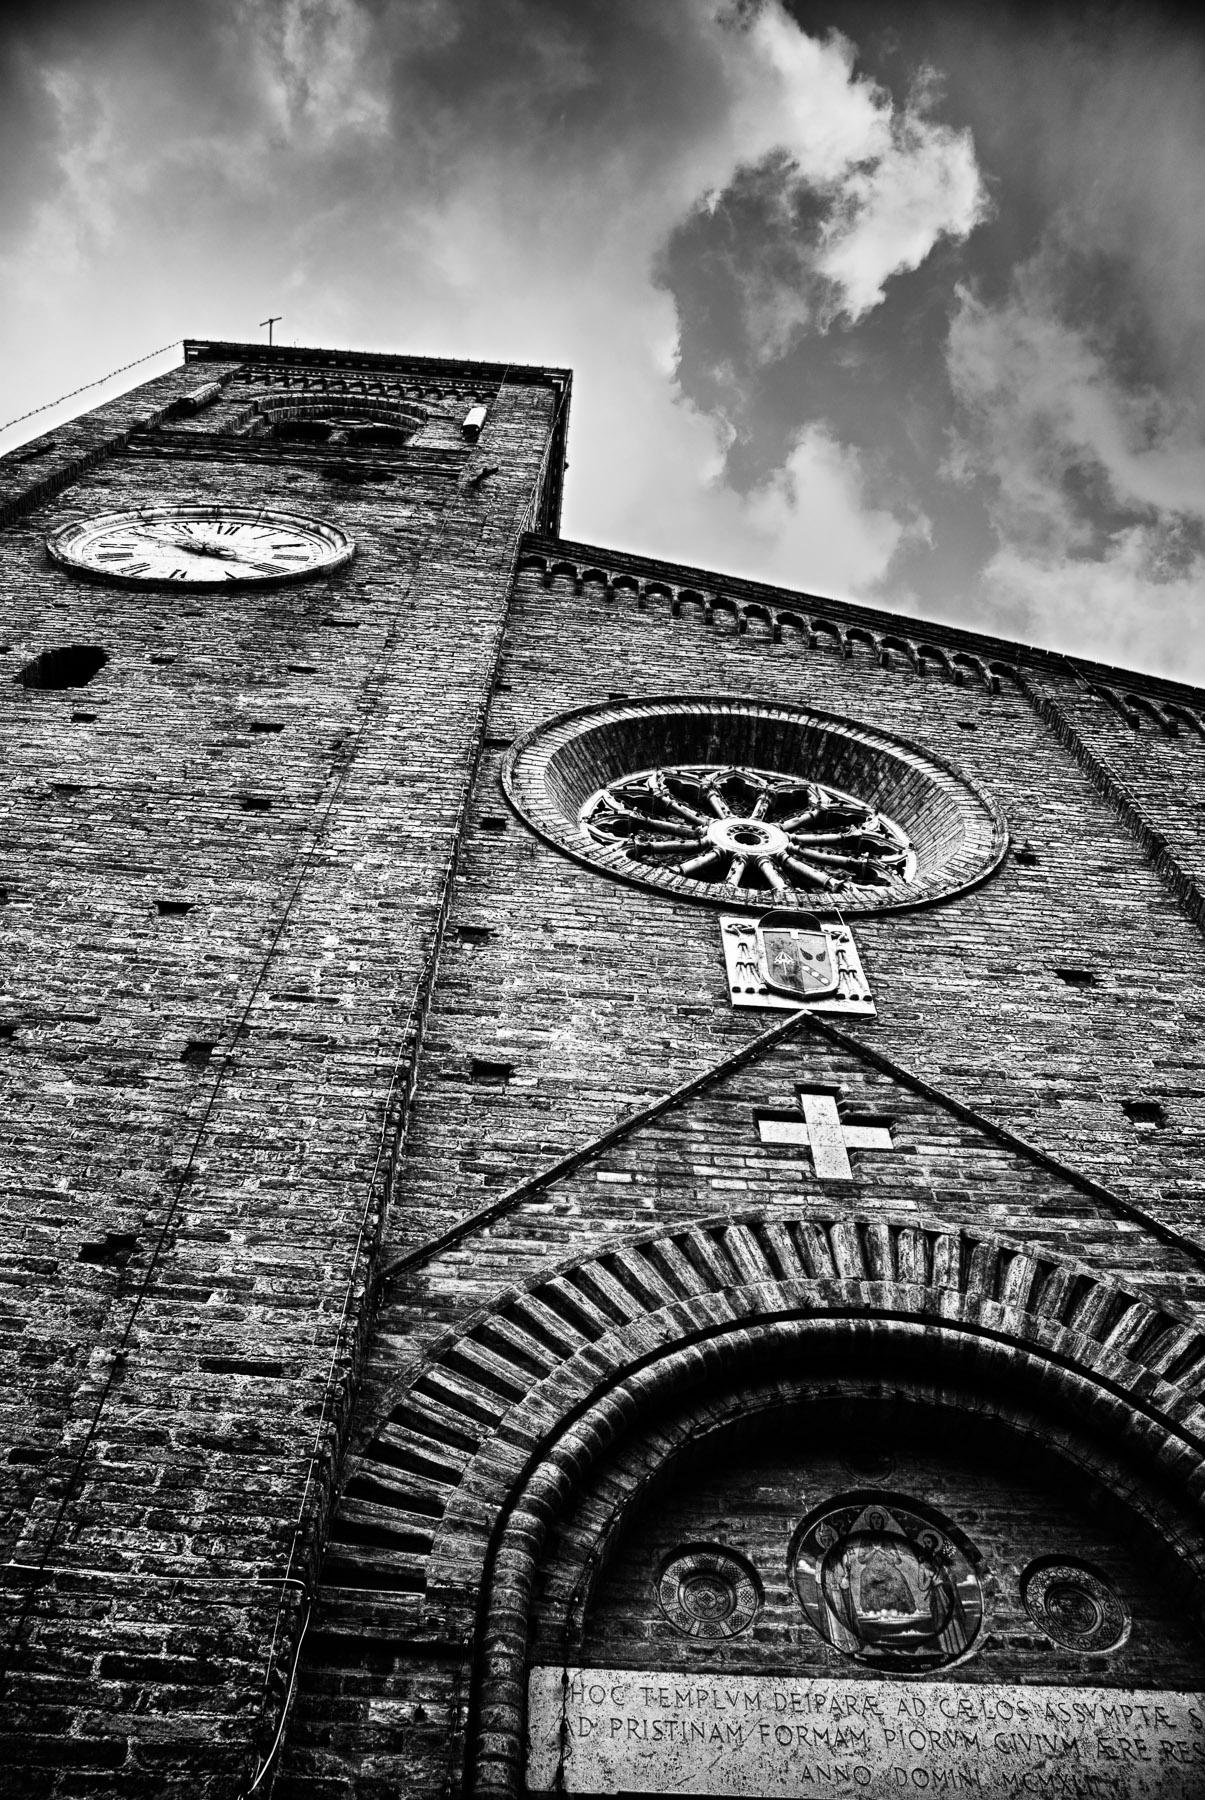 Church of Montecassiano